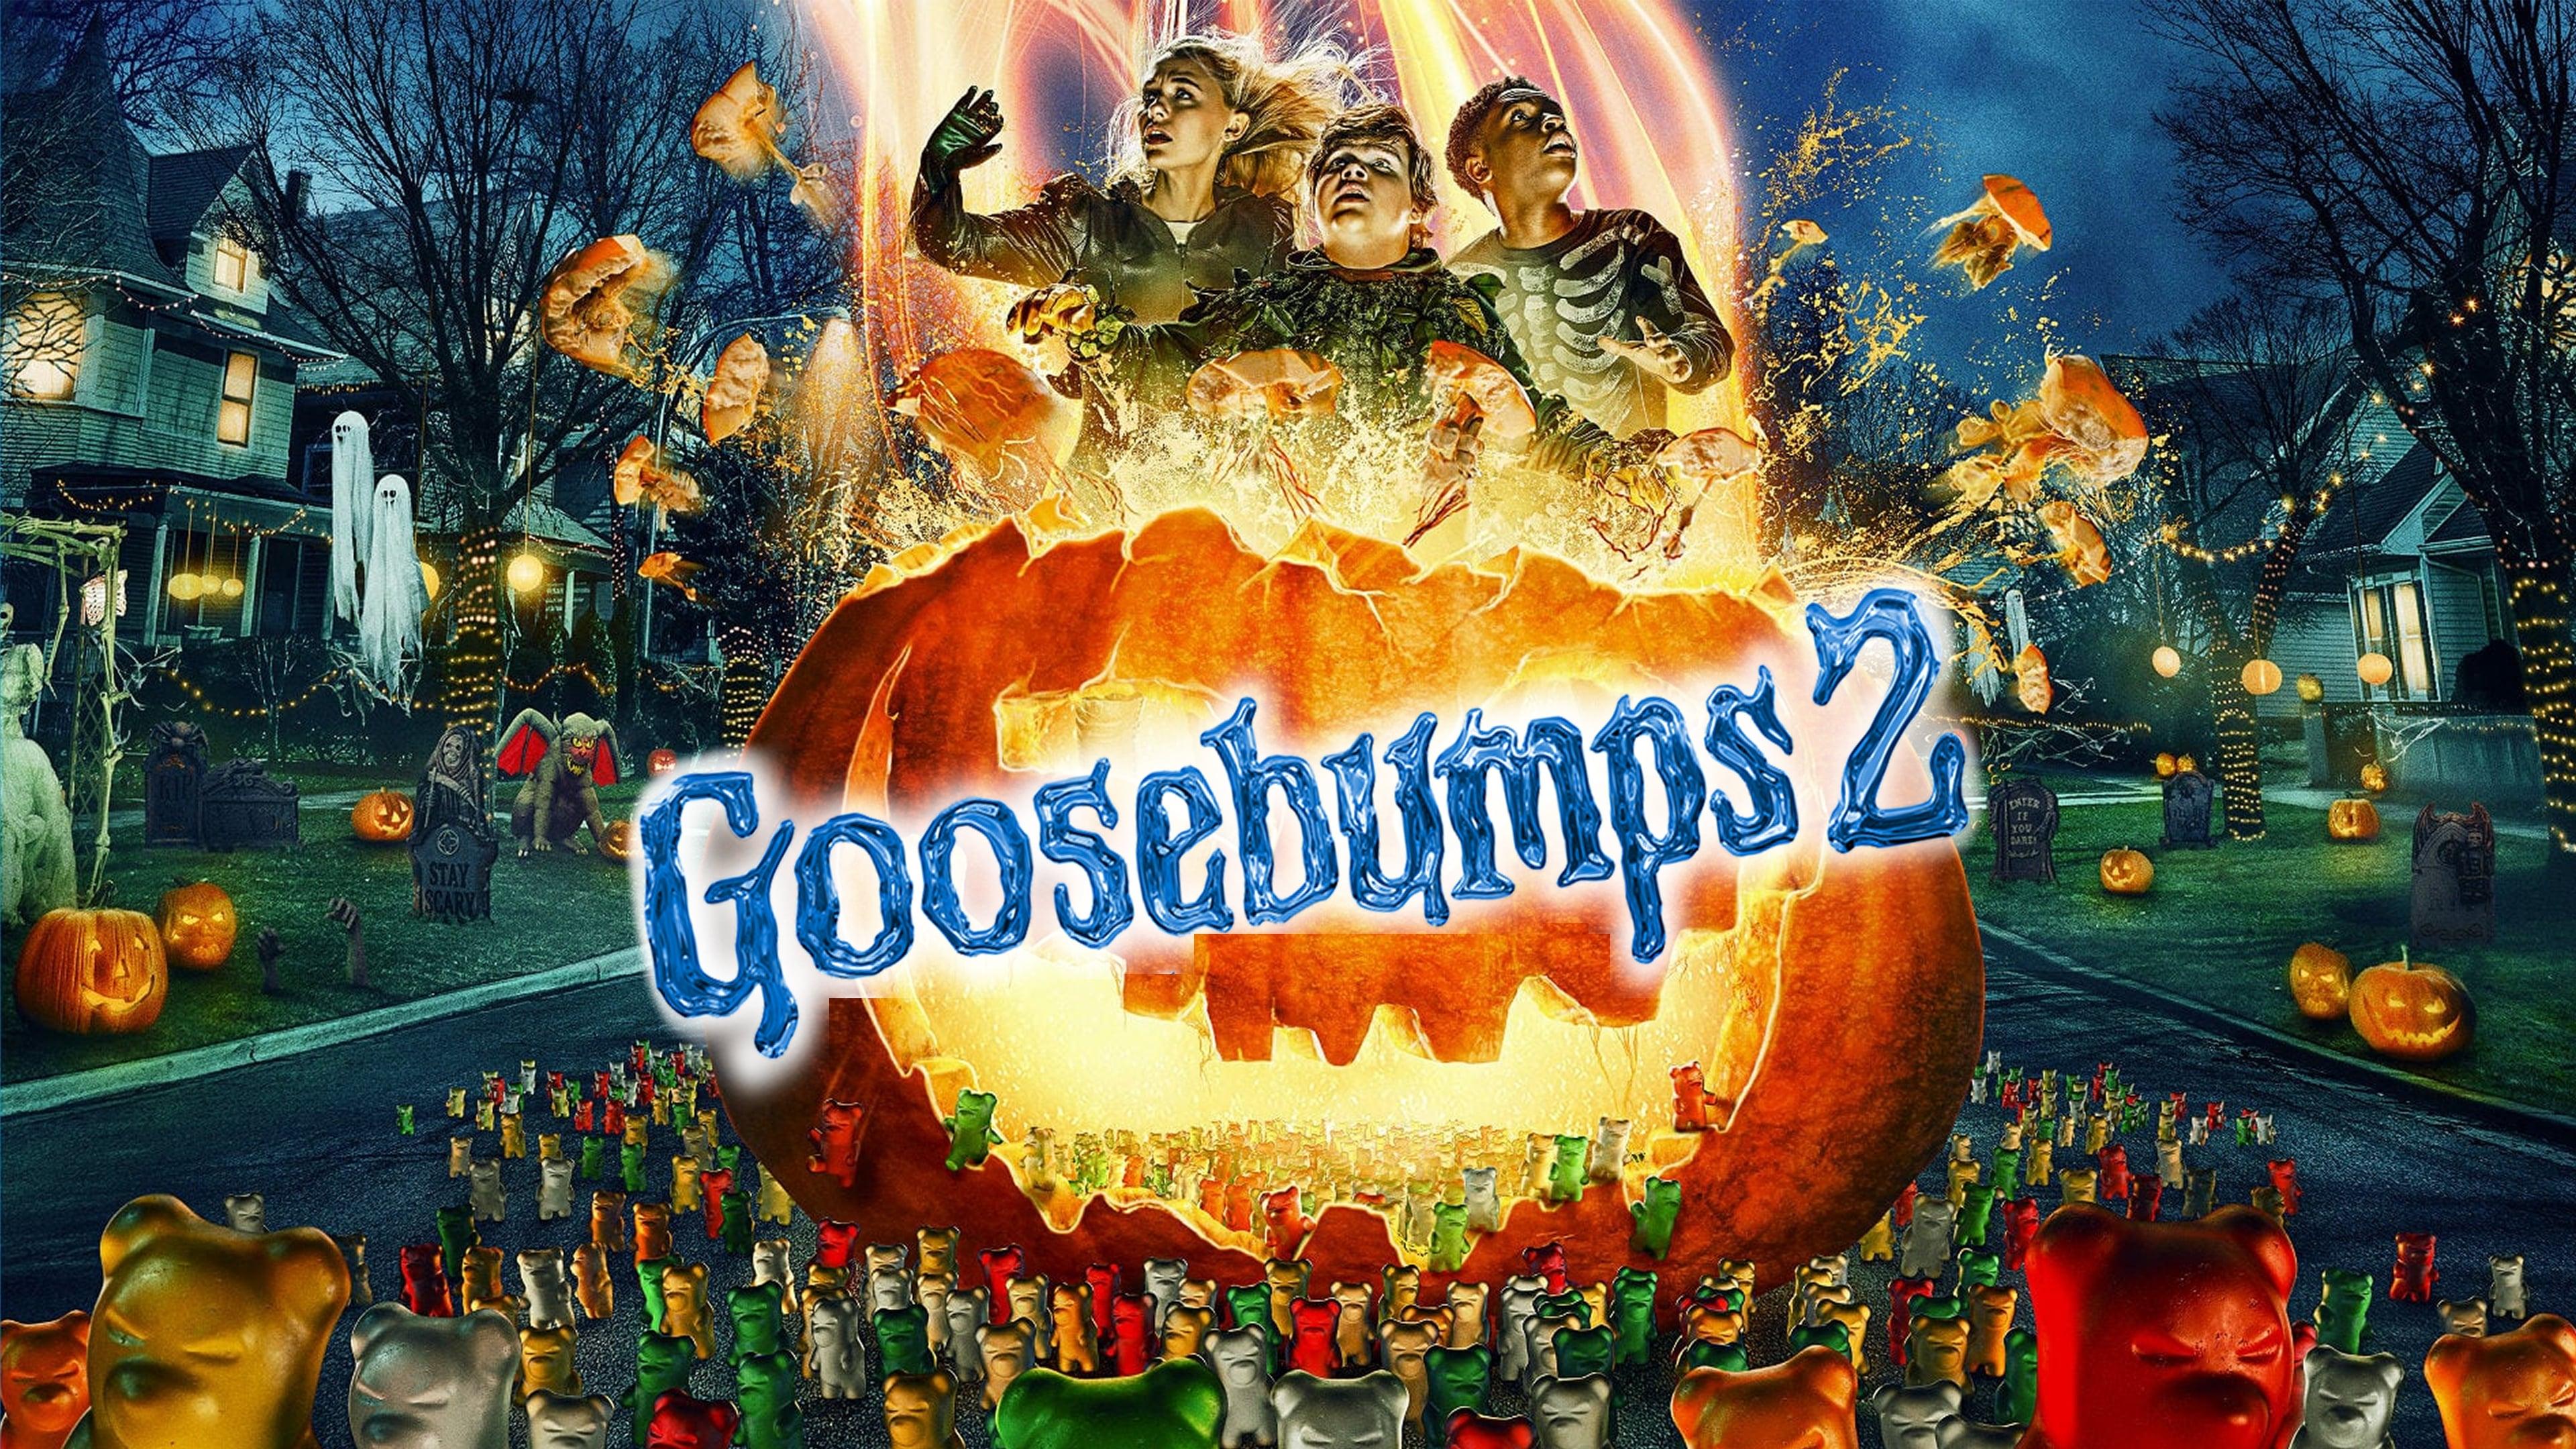 Goosebumps: Призрачен Хелоуин